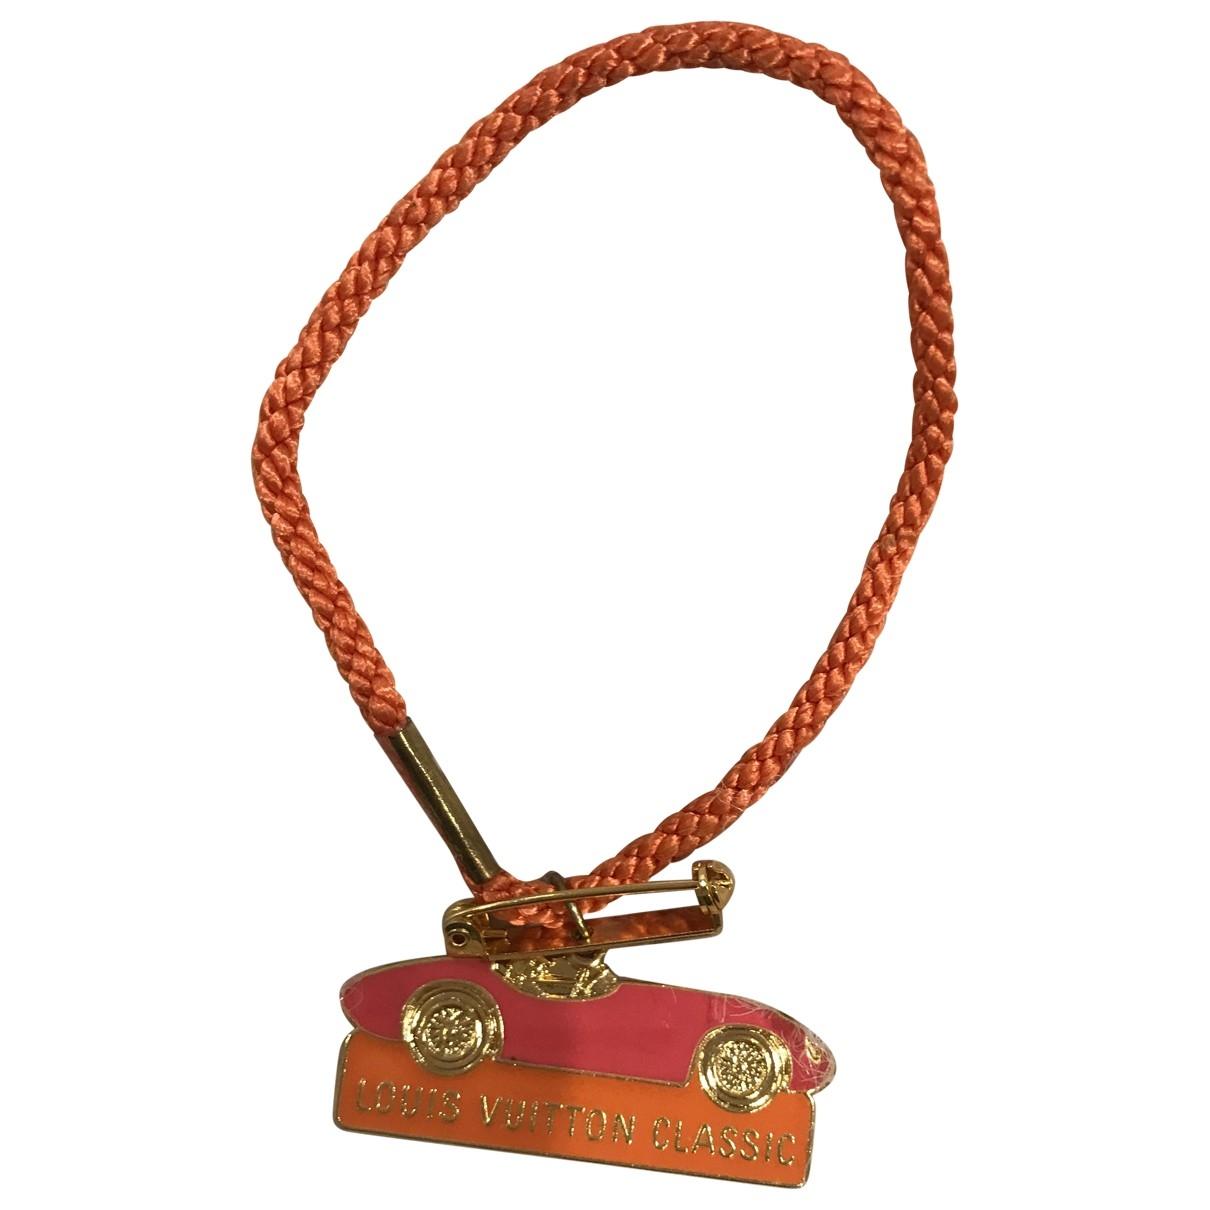 Louis Vuitton - Bracelet Keep It pour femme en toile - orange